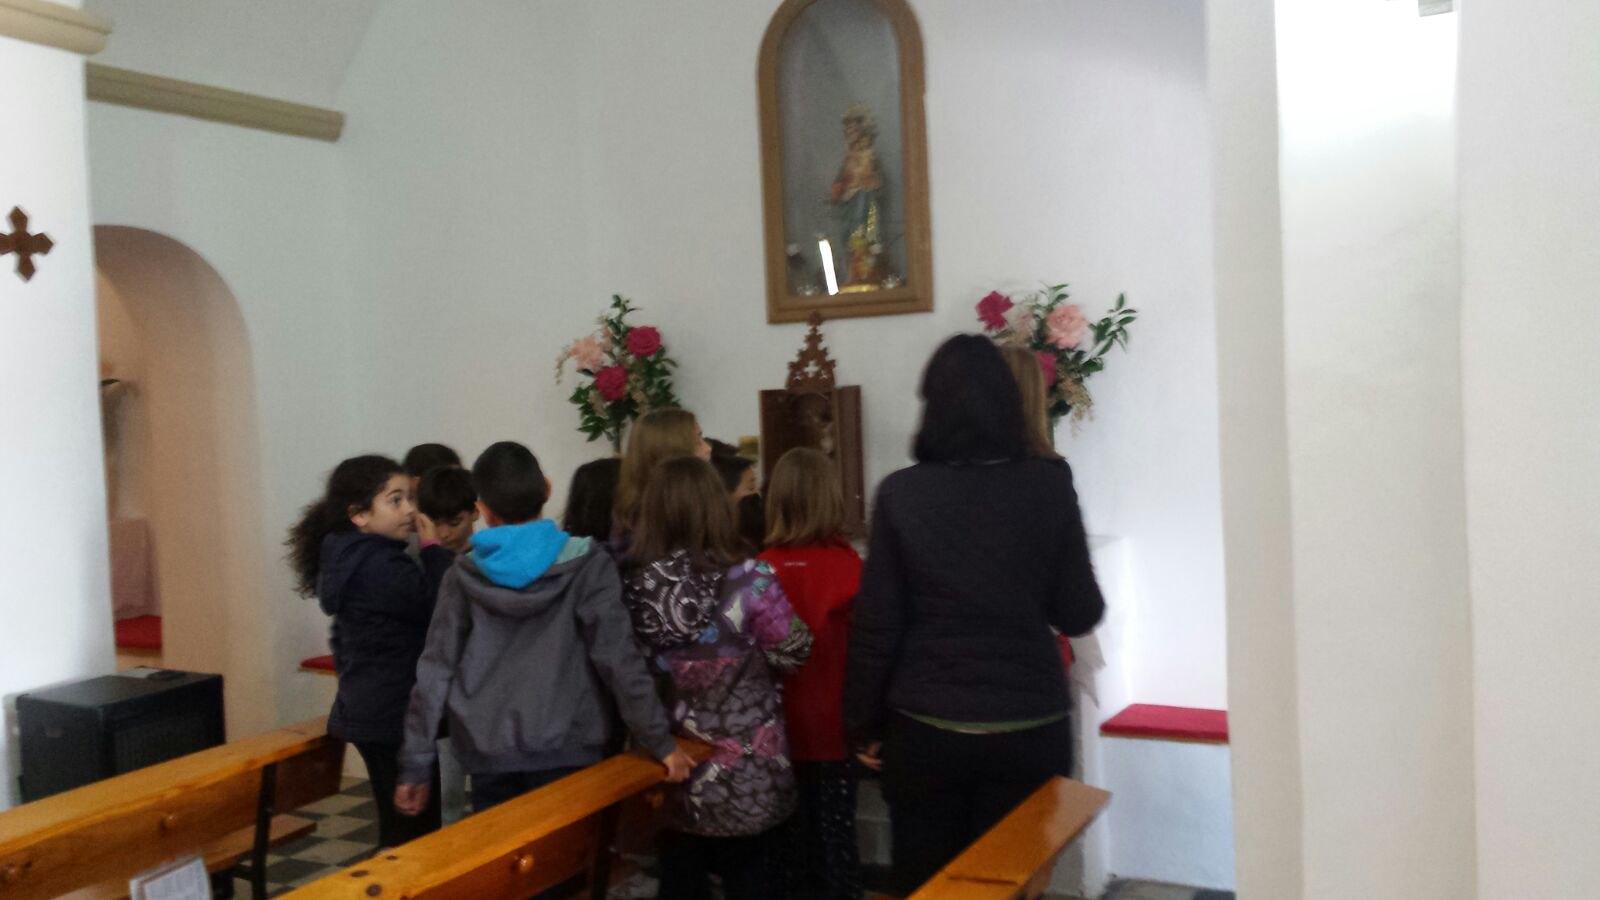 (2018-03-16) - Visita ermita alumnos Laura,3ºB, profesora religión Reina Sofia - Marzo -  María Isabel Berenguer Brotons (09)